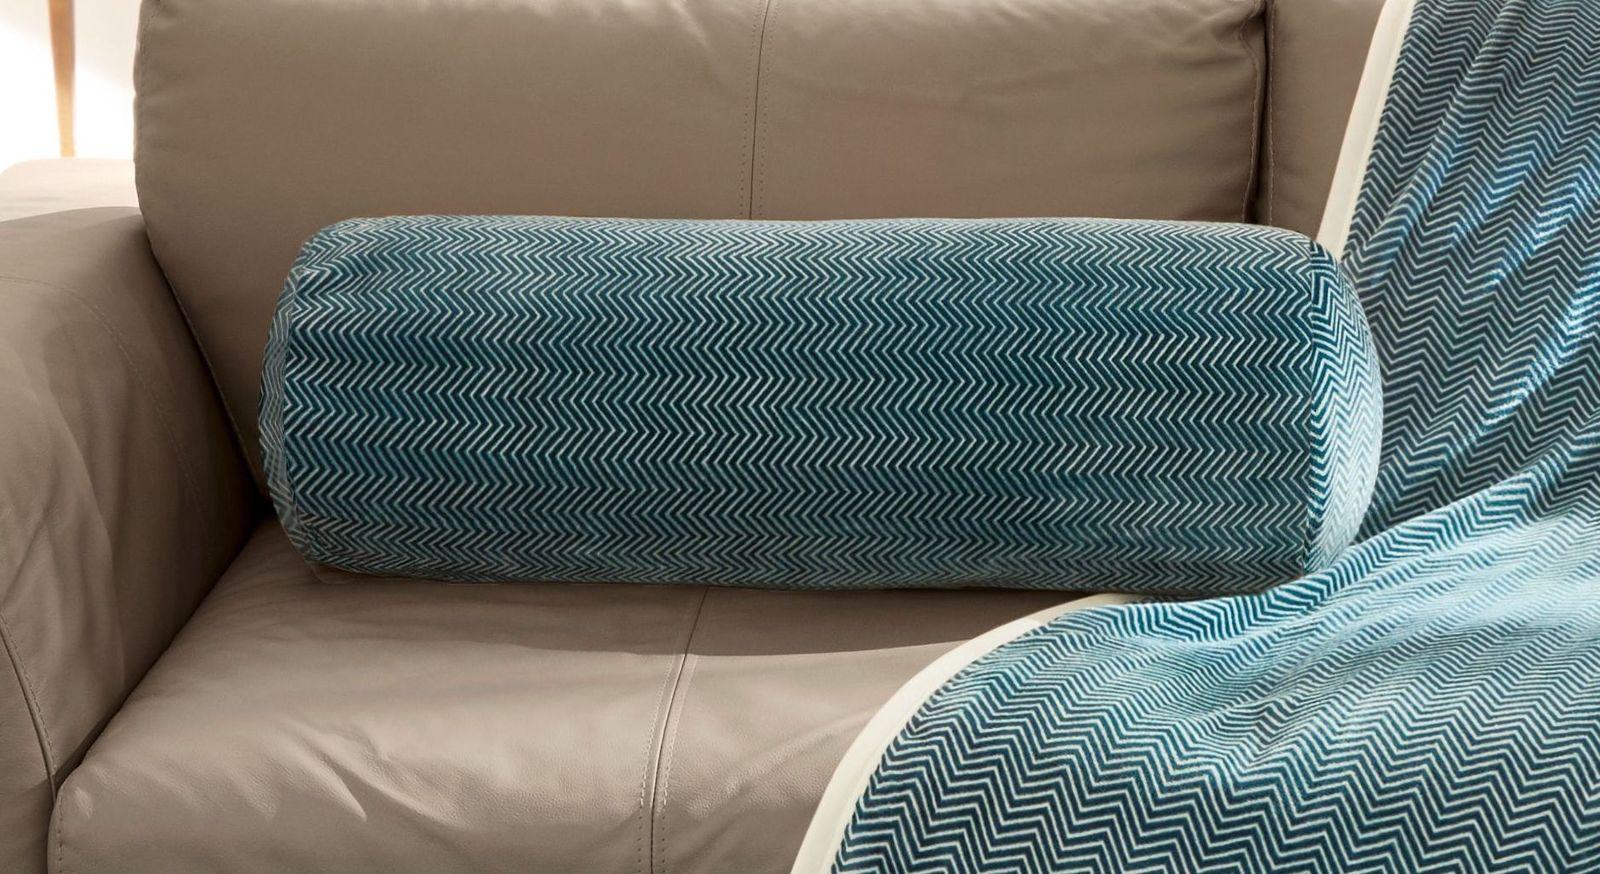 Große Kissenrolle mit Fischgrät-Muster